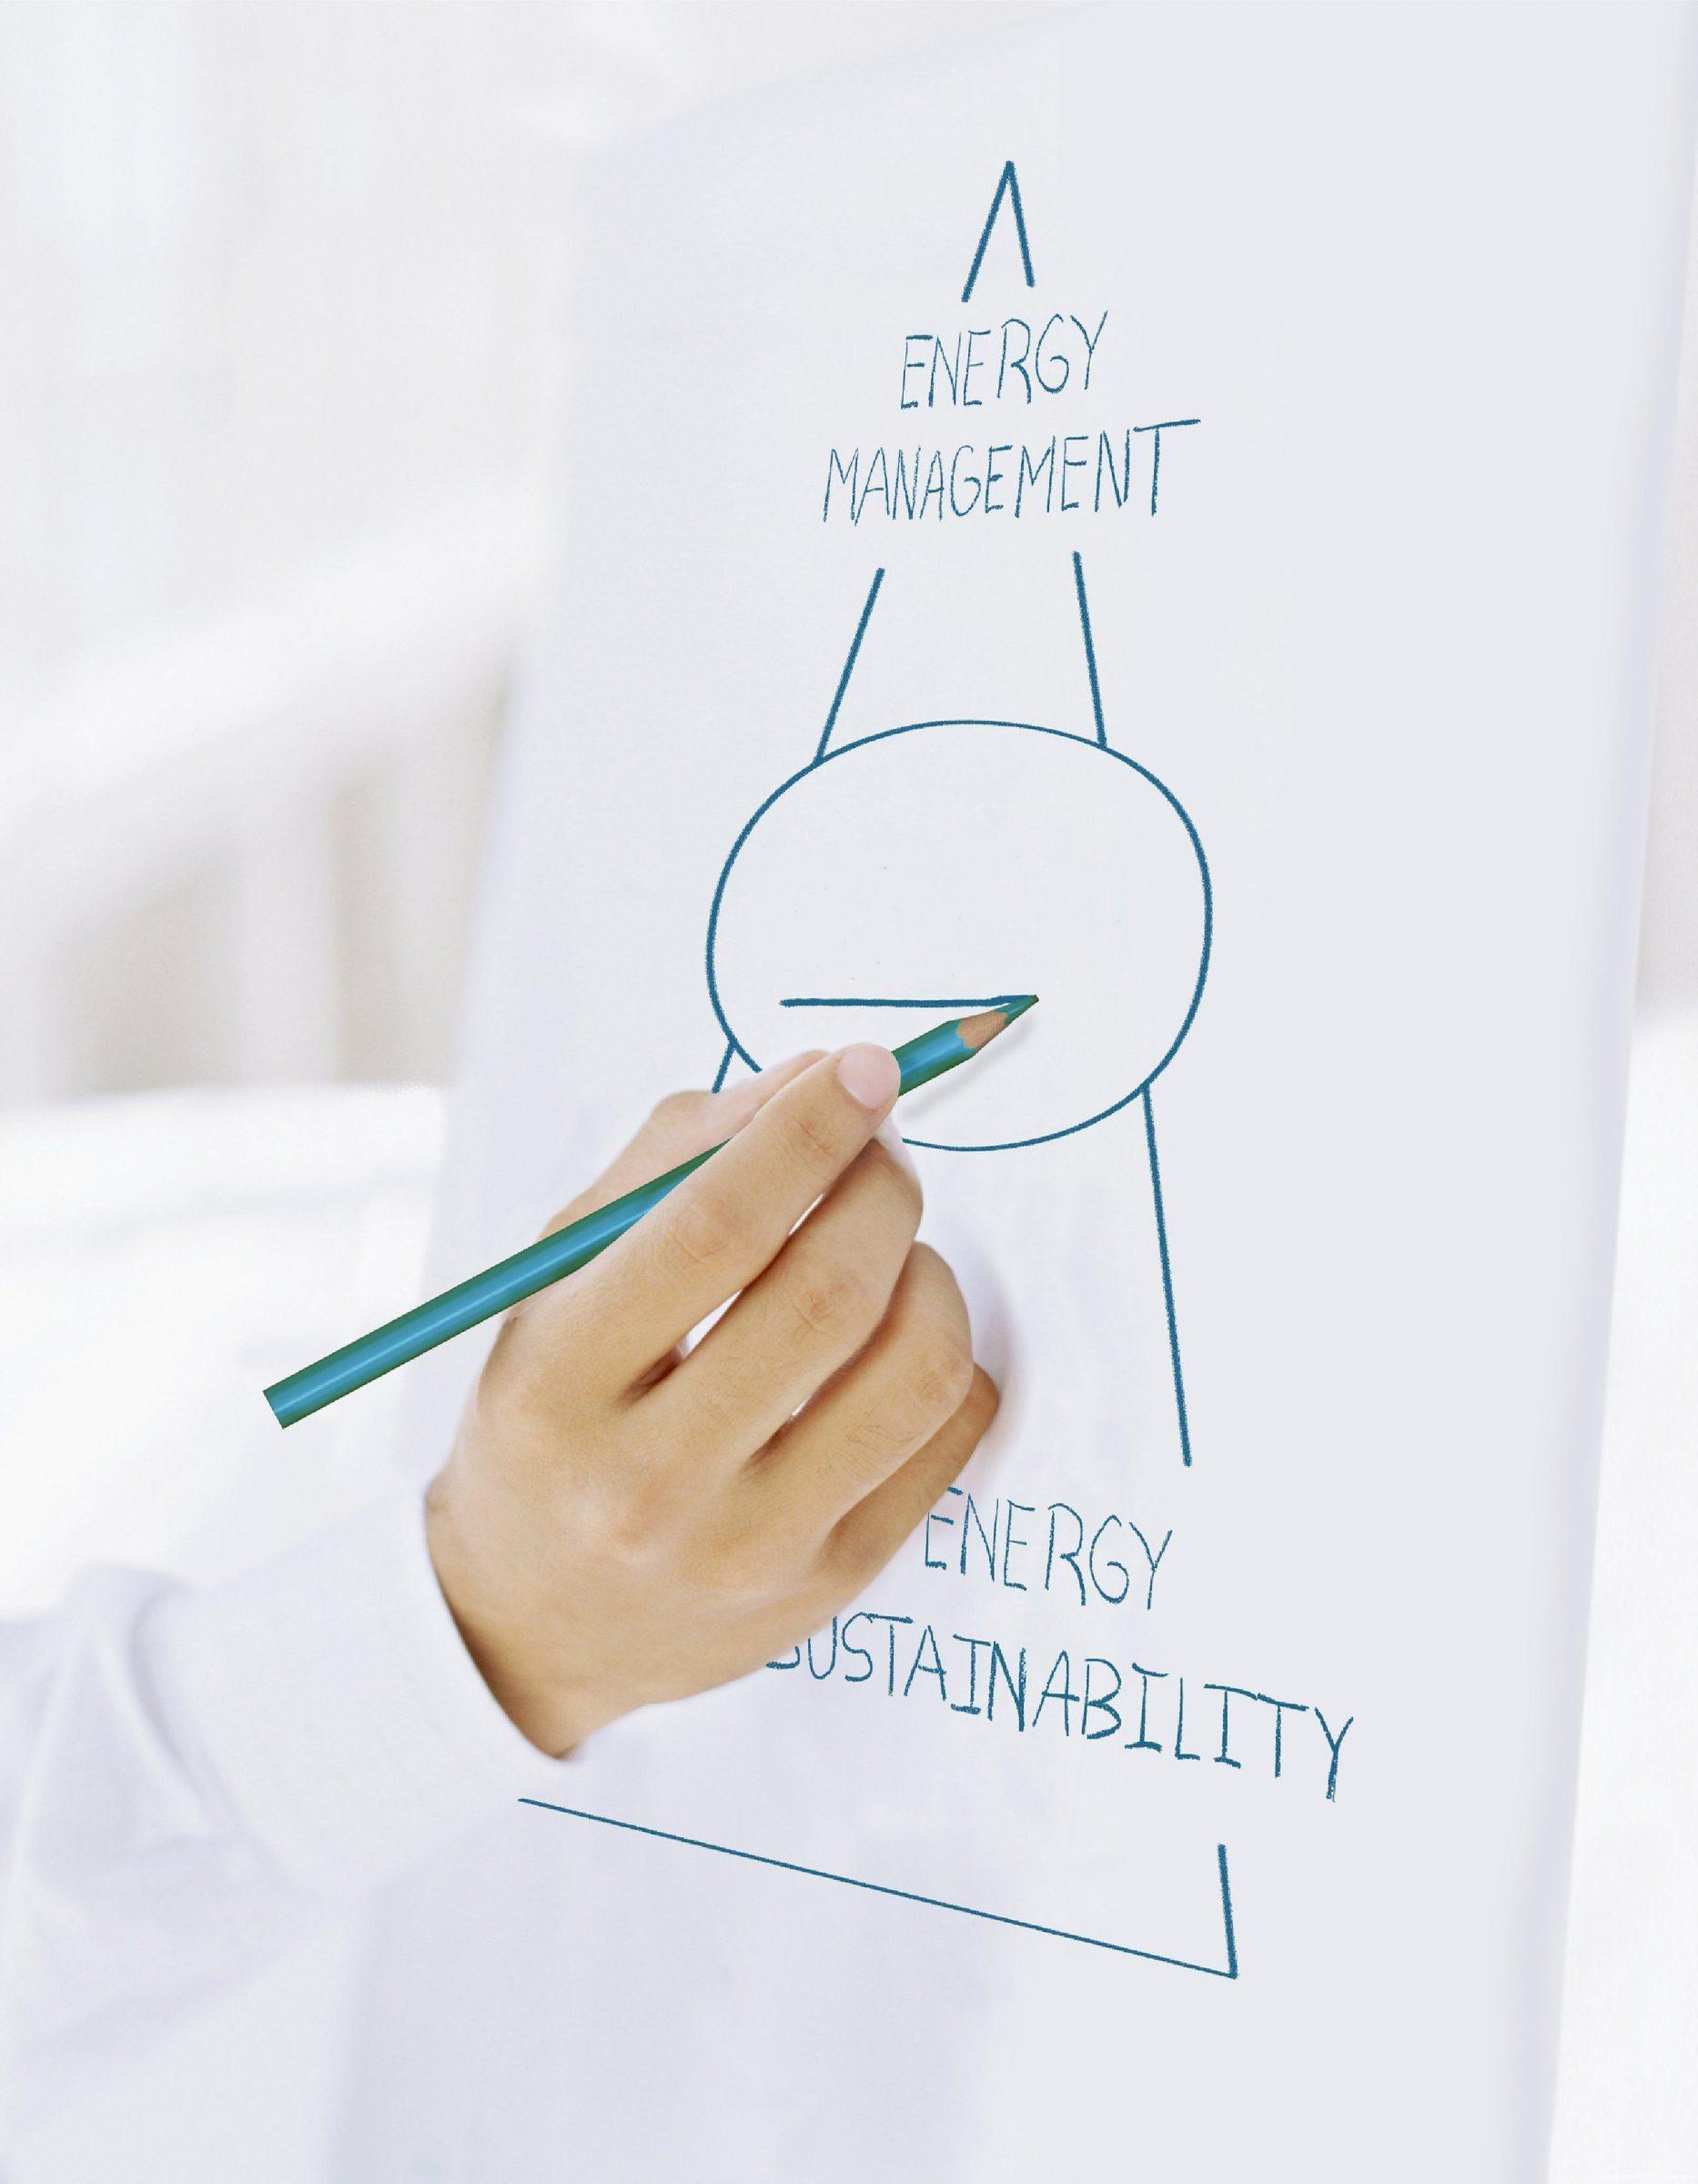 Cómo mejorar nuestra energia